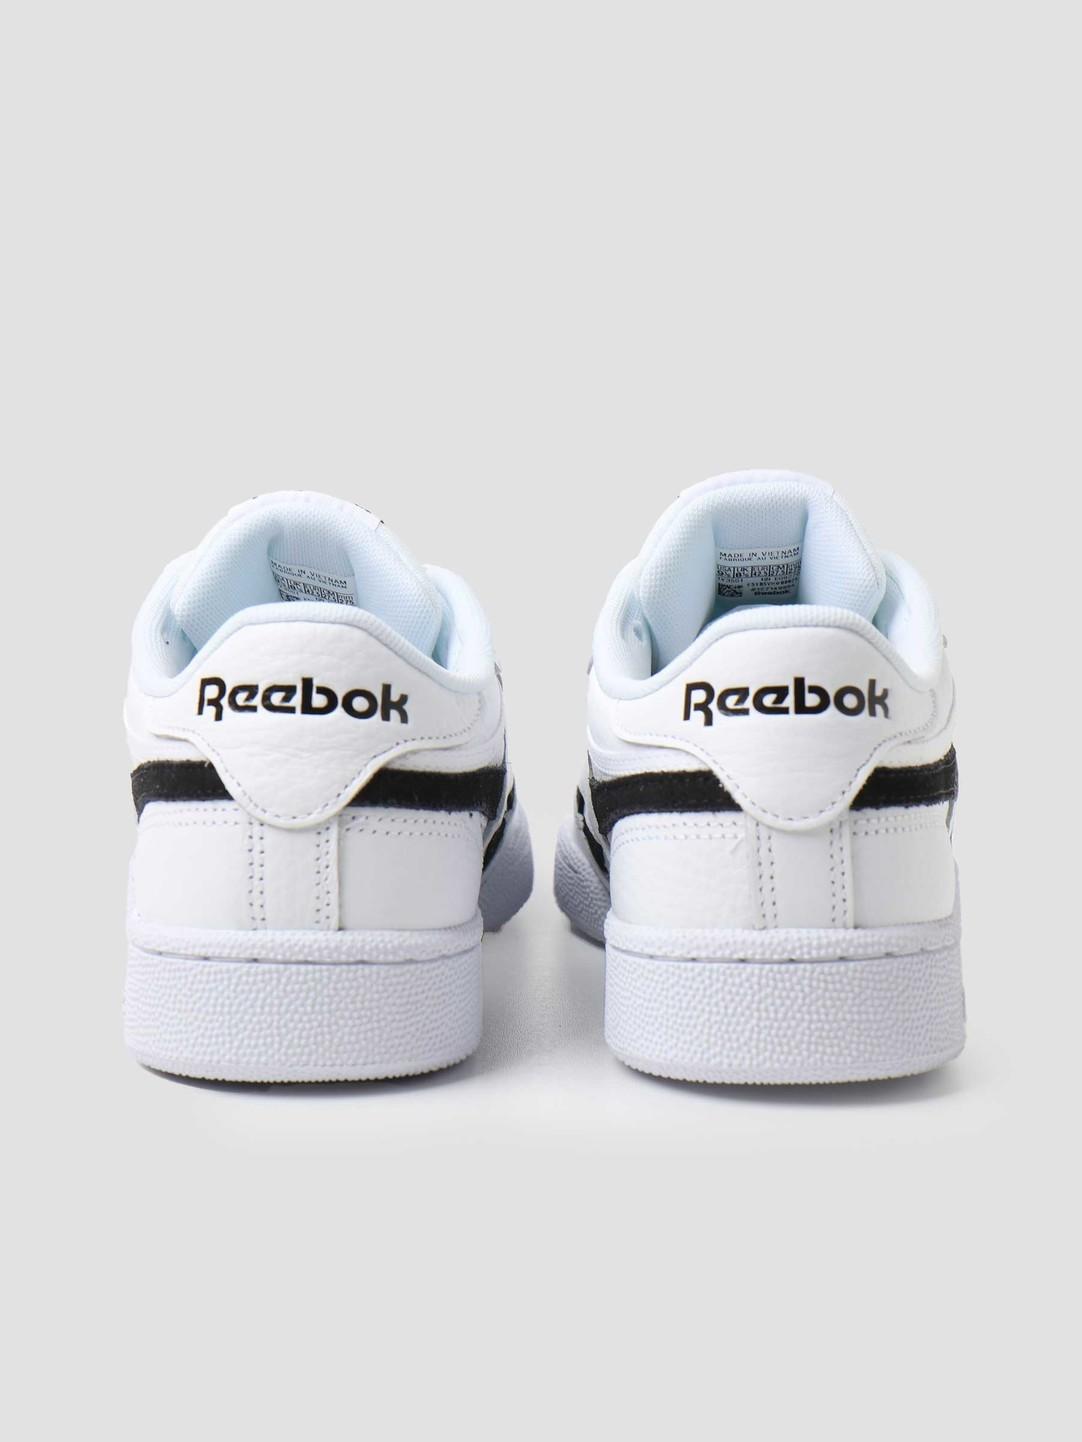 Reebok Reebok Club C Revenge MU White Black EG9270